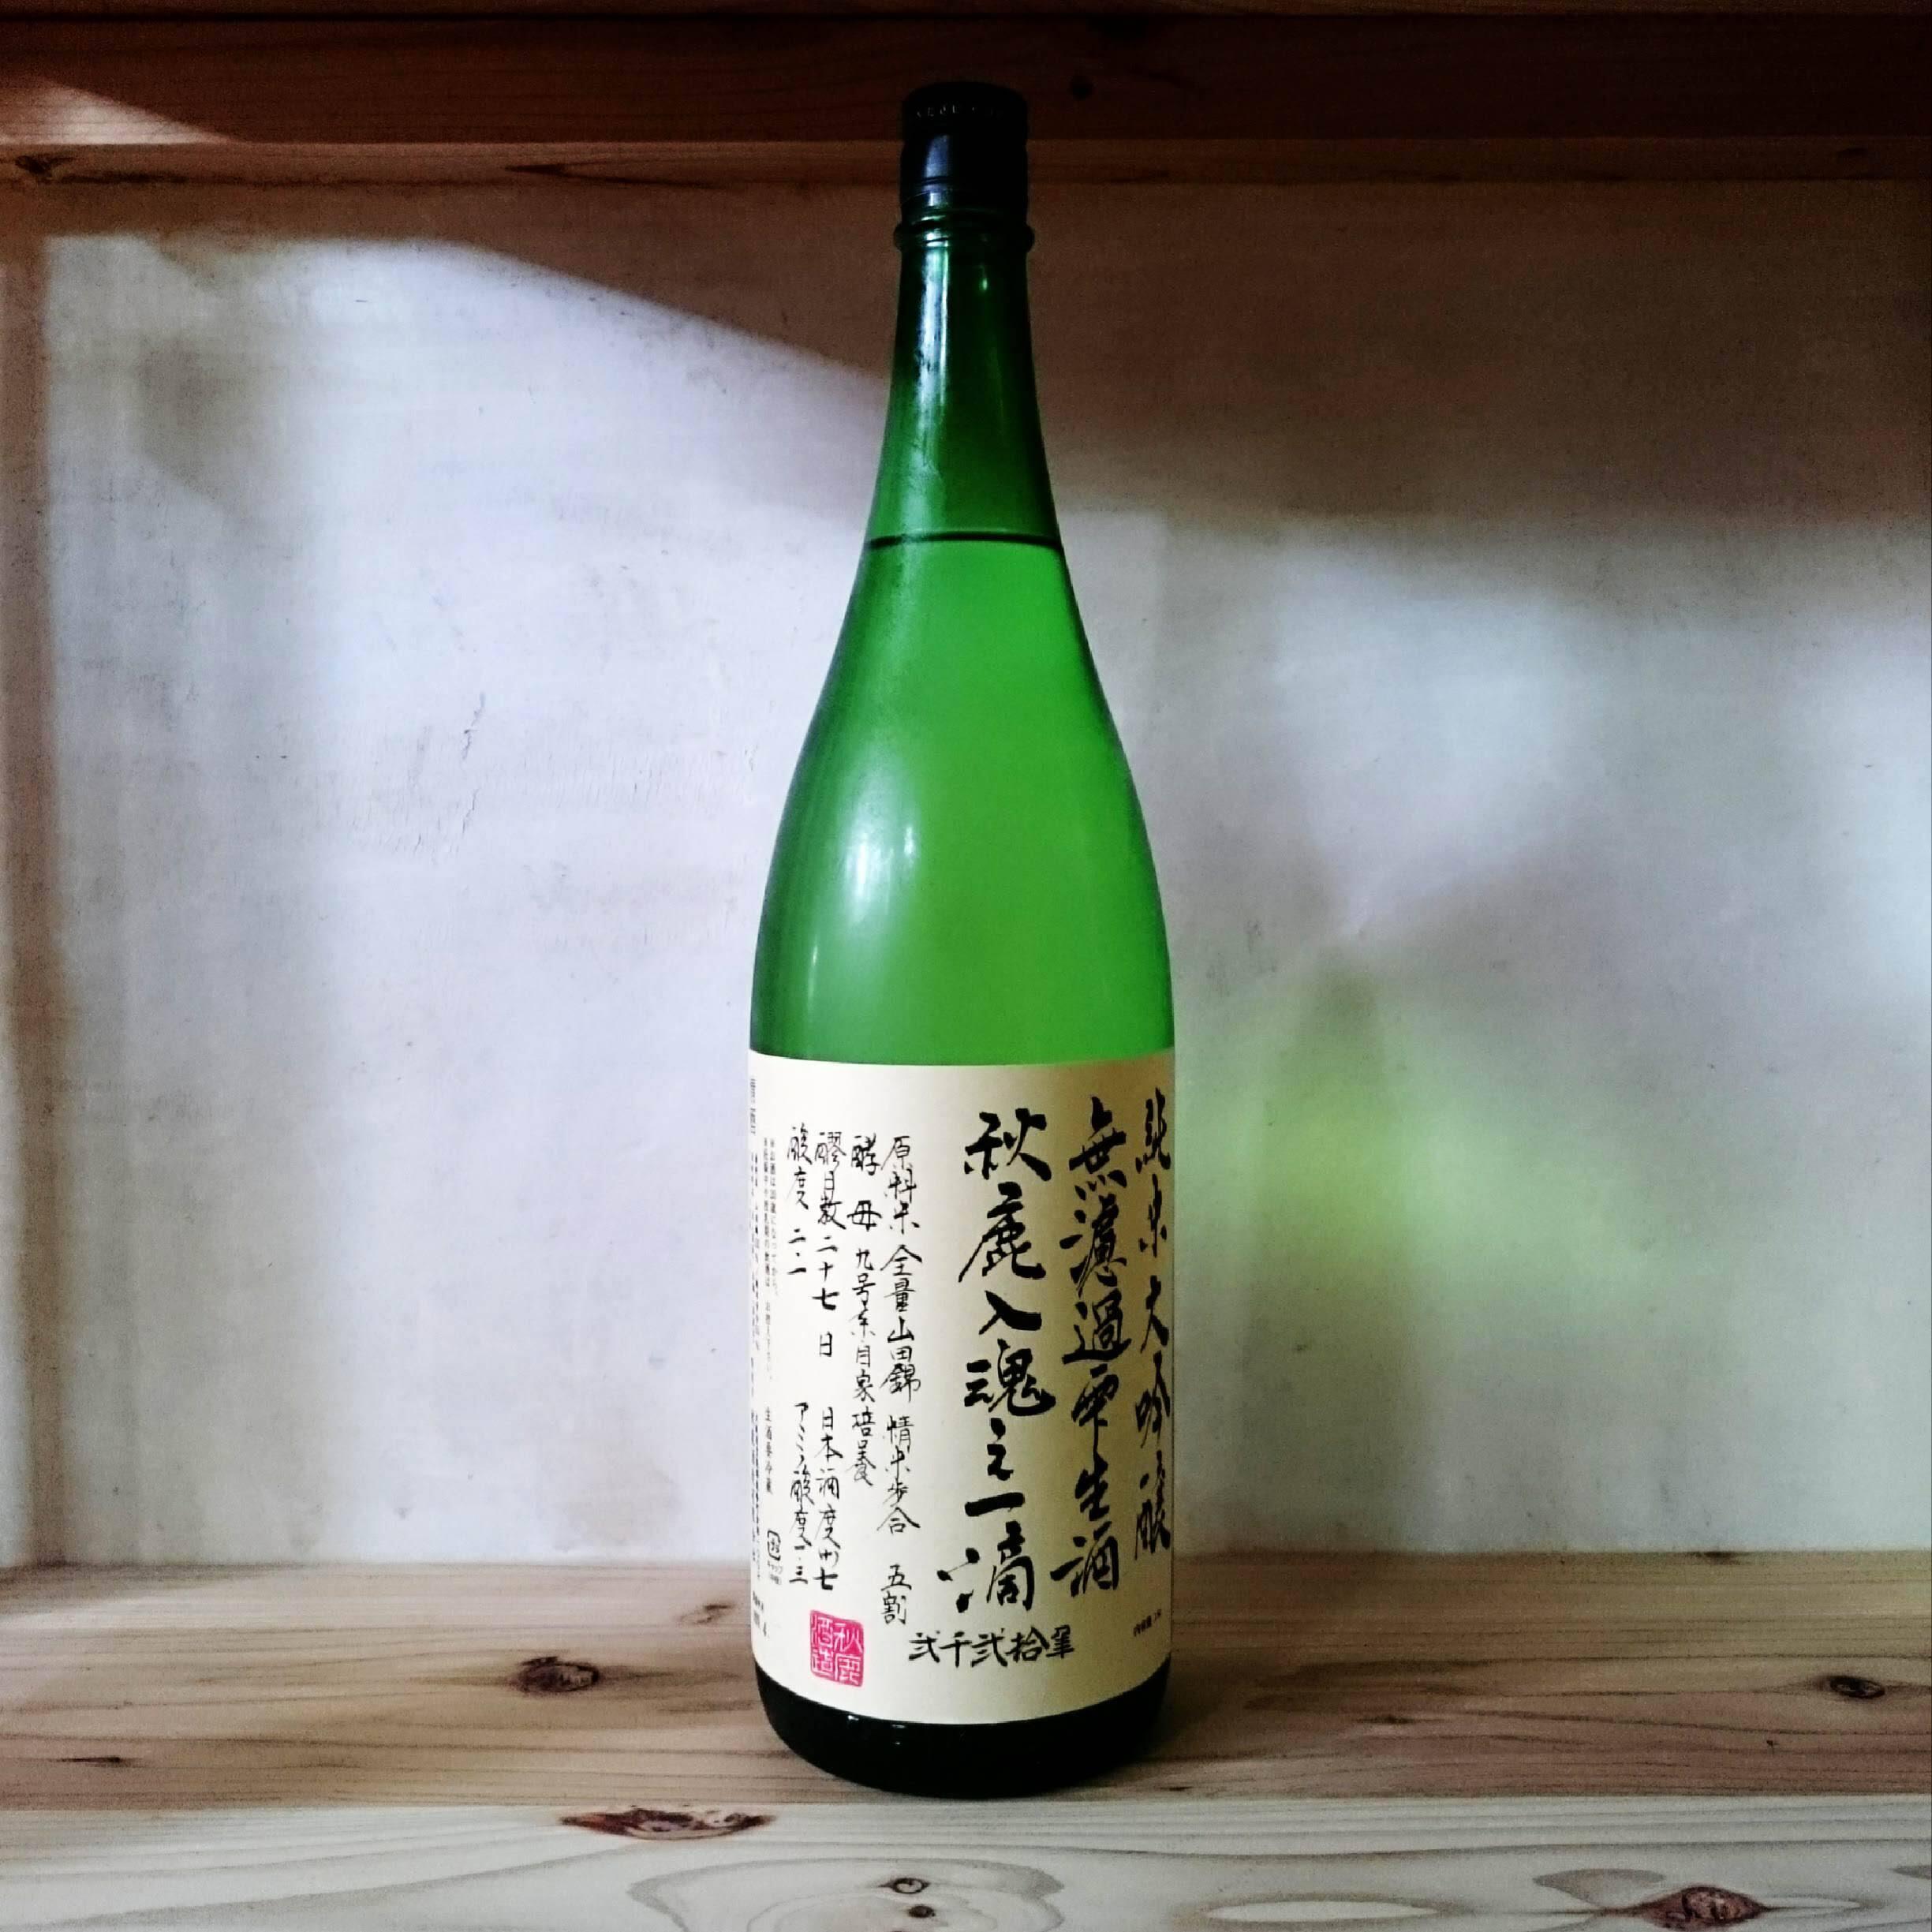 秋鹿 純米大吟醸 入魂の一滴 生原酒 720ml